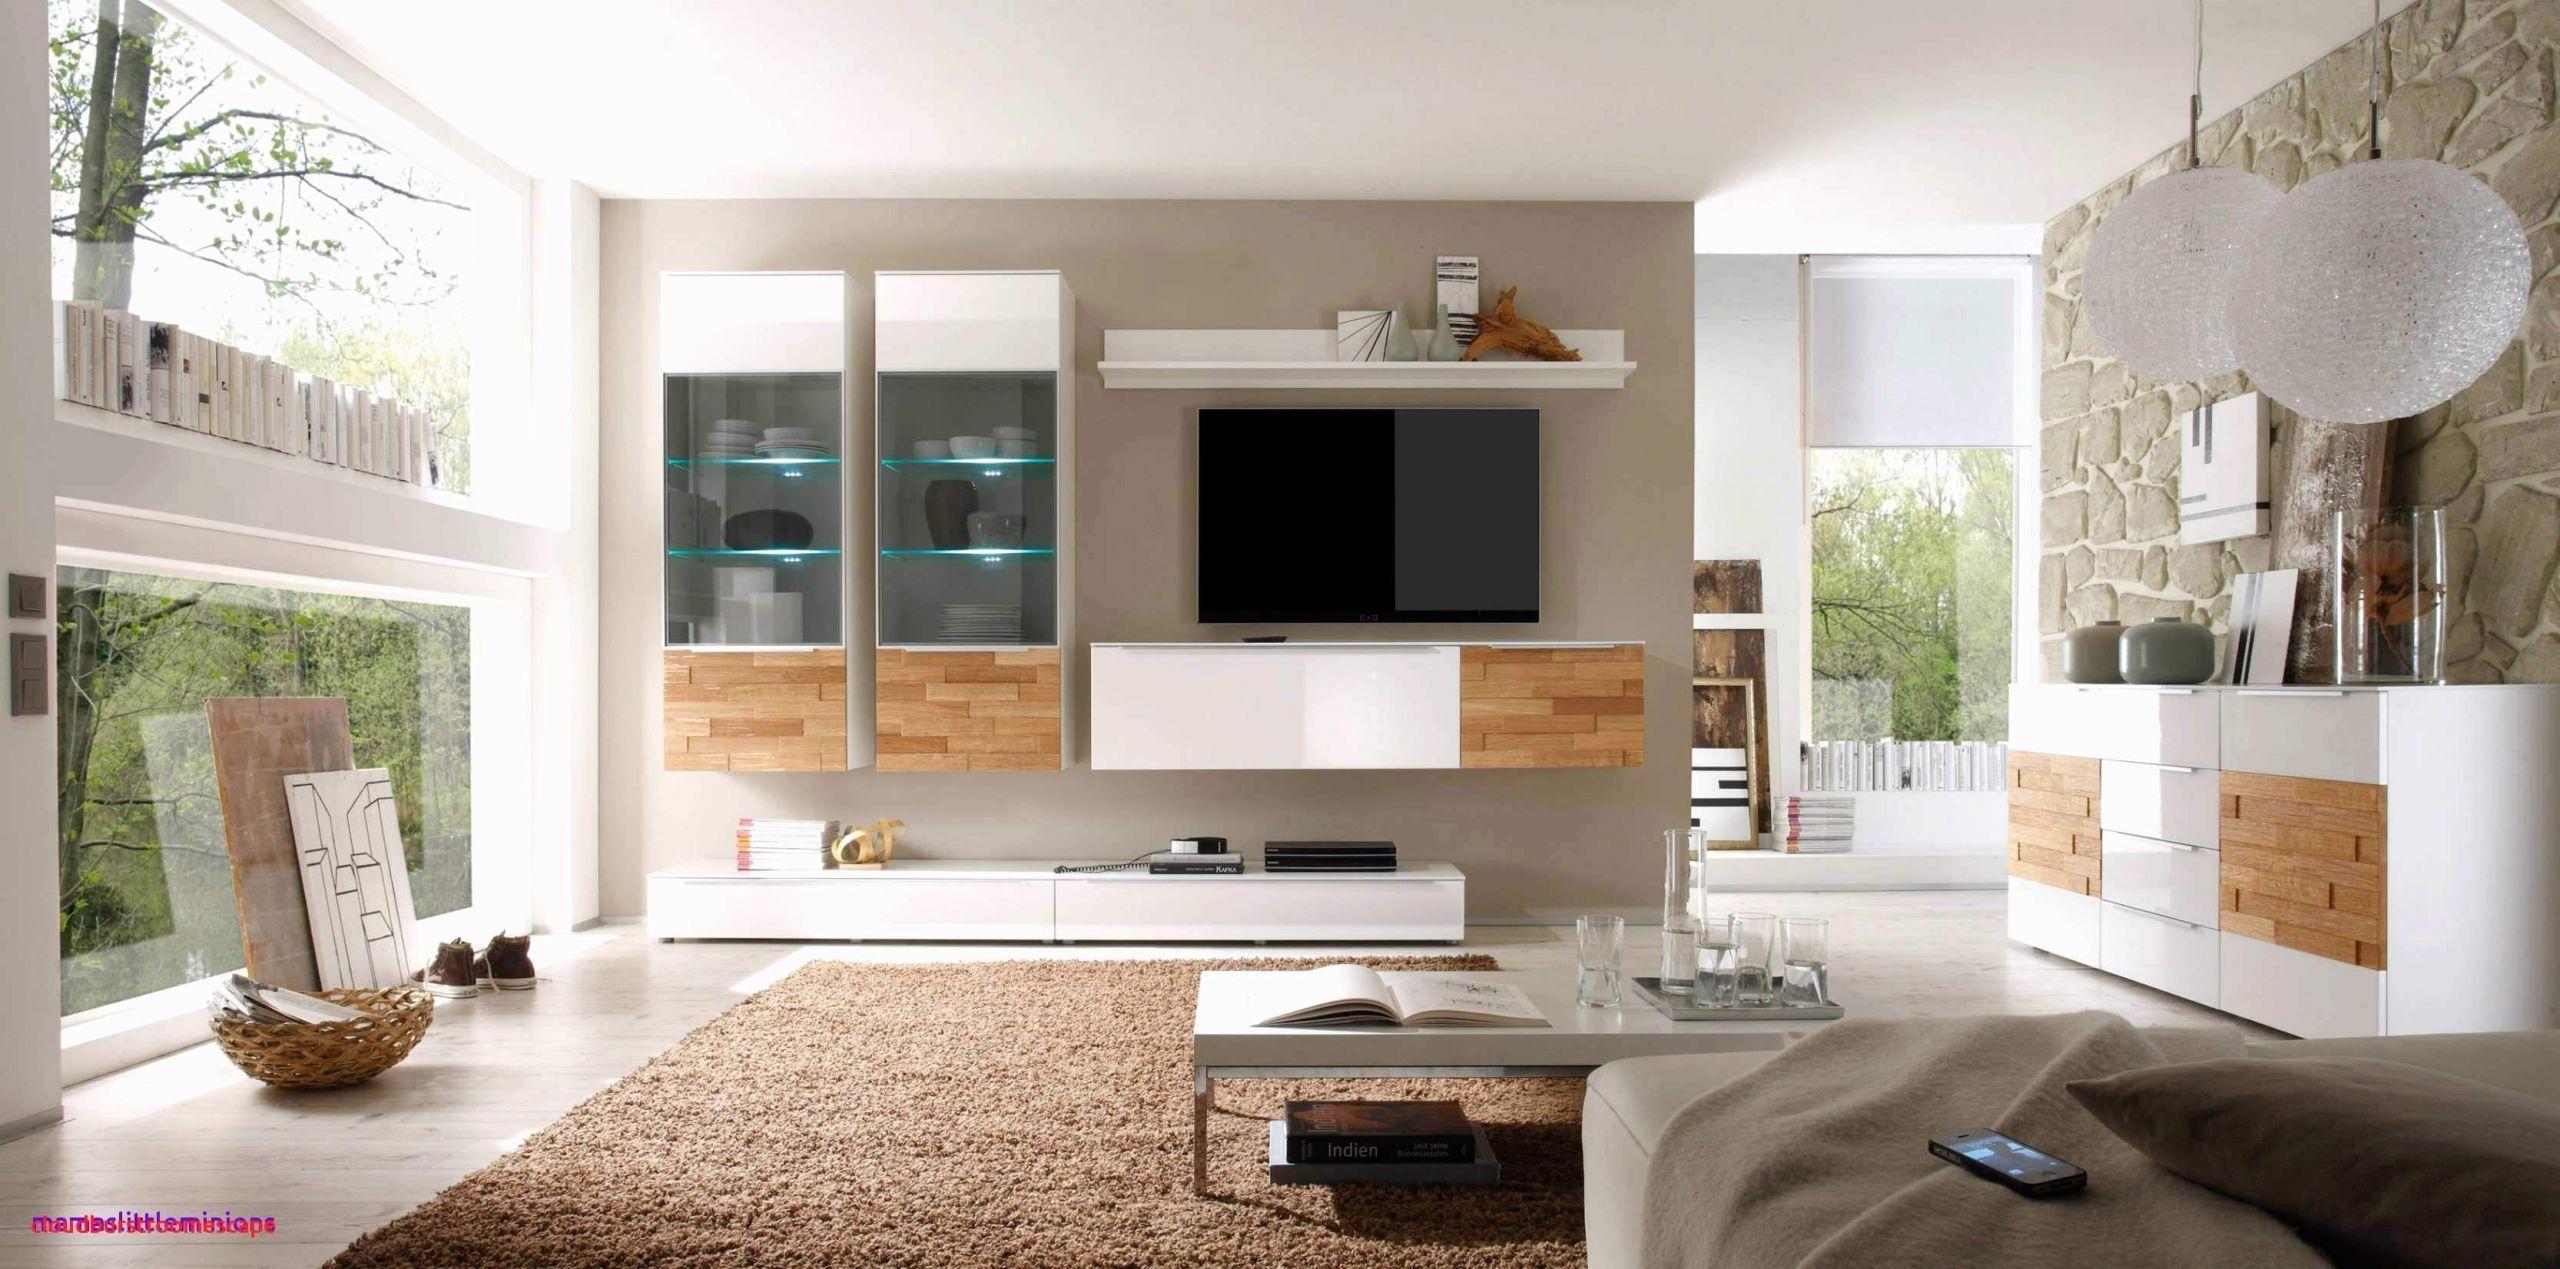 45 Tolle Von Wohnzimmer Gestalten Modern Planen In 2020 Wohnzimmer Ideen Modern Wohnzimmer Einrichten Wohnzimmer Gestalten